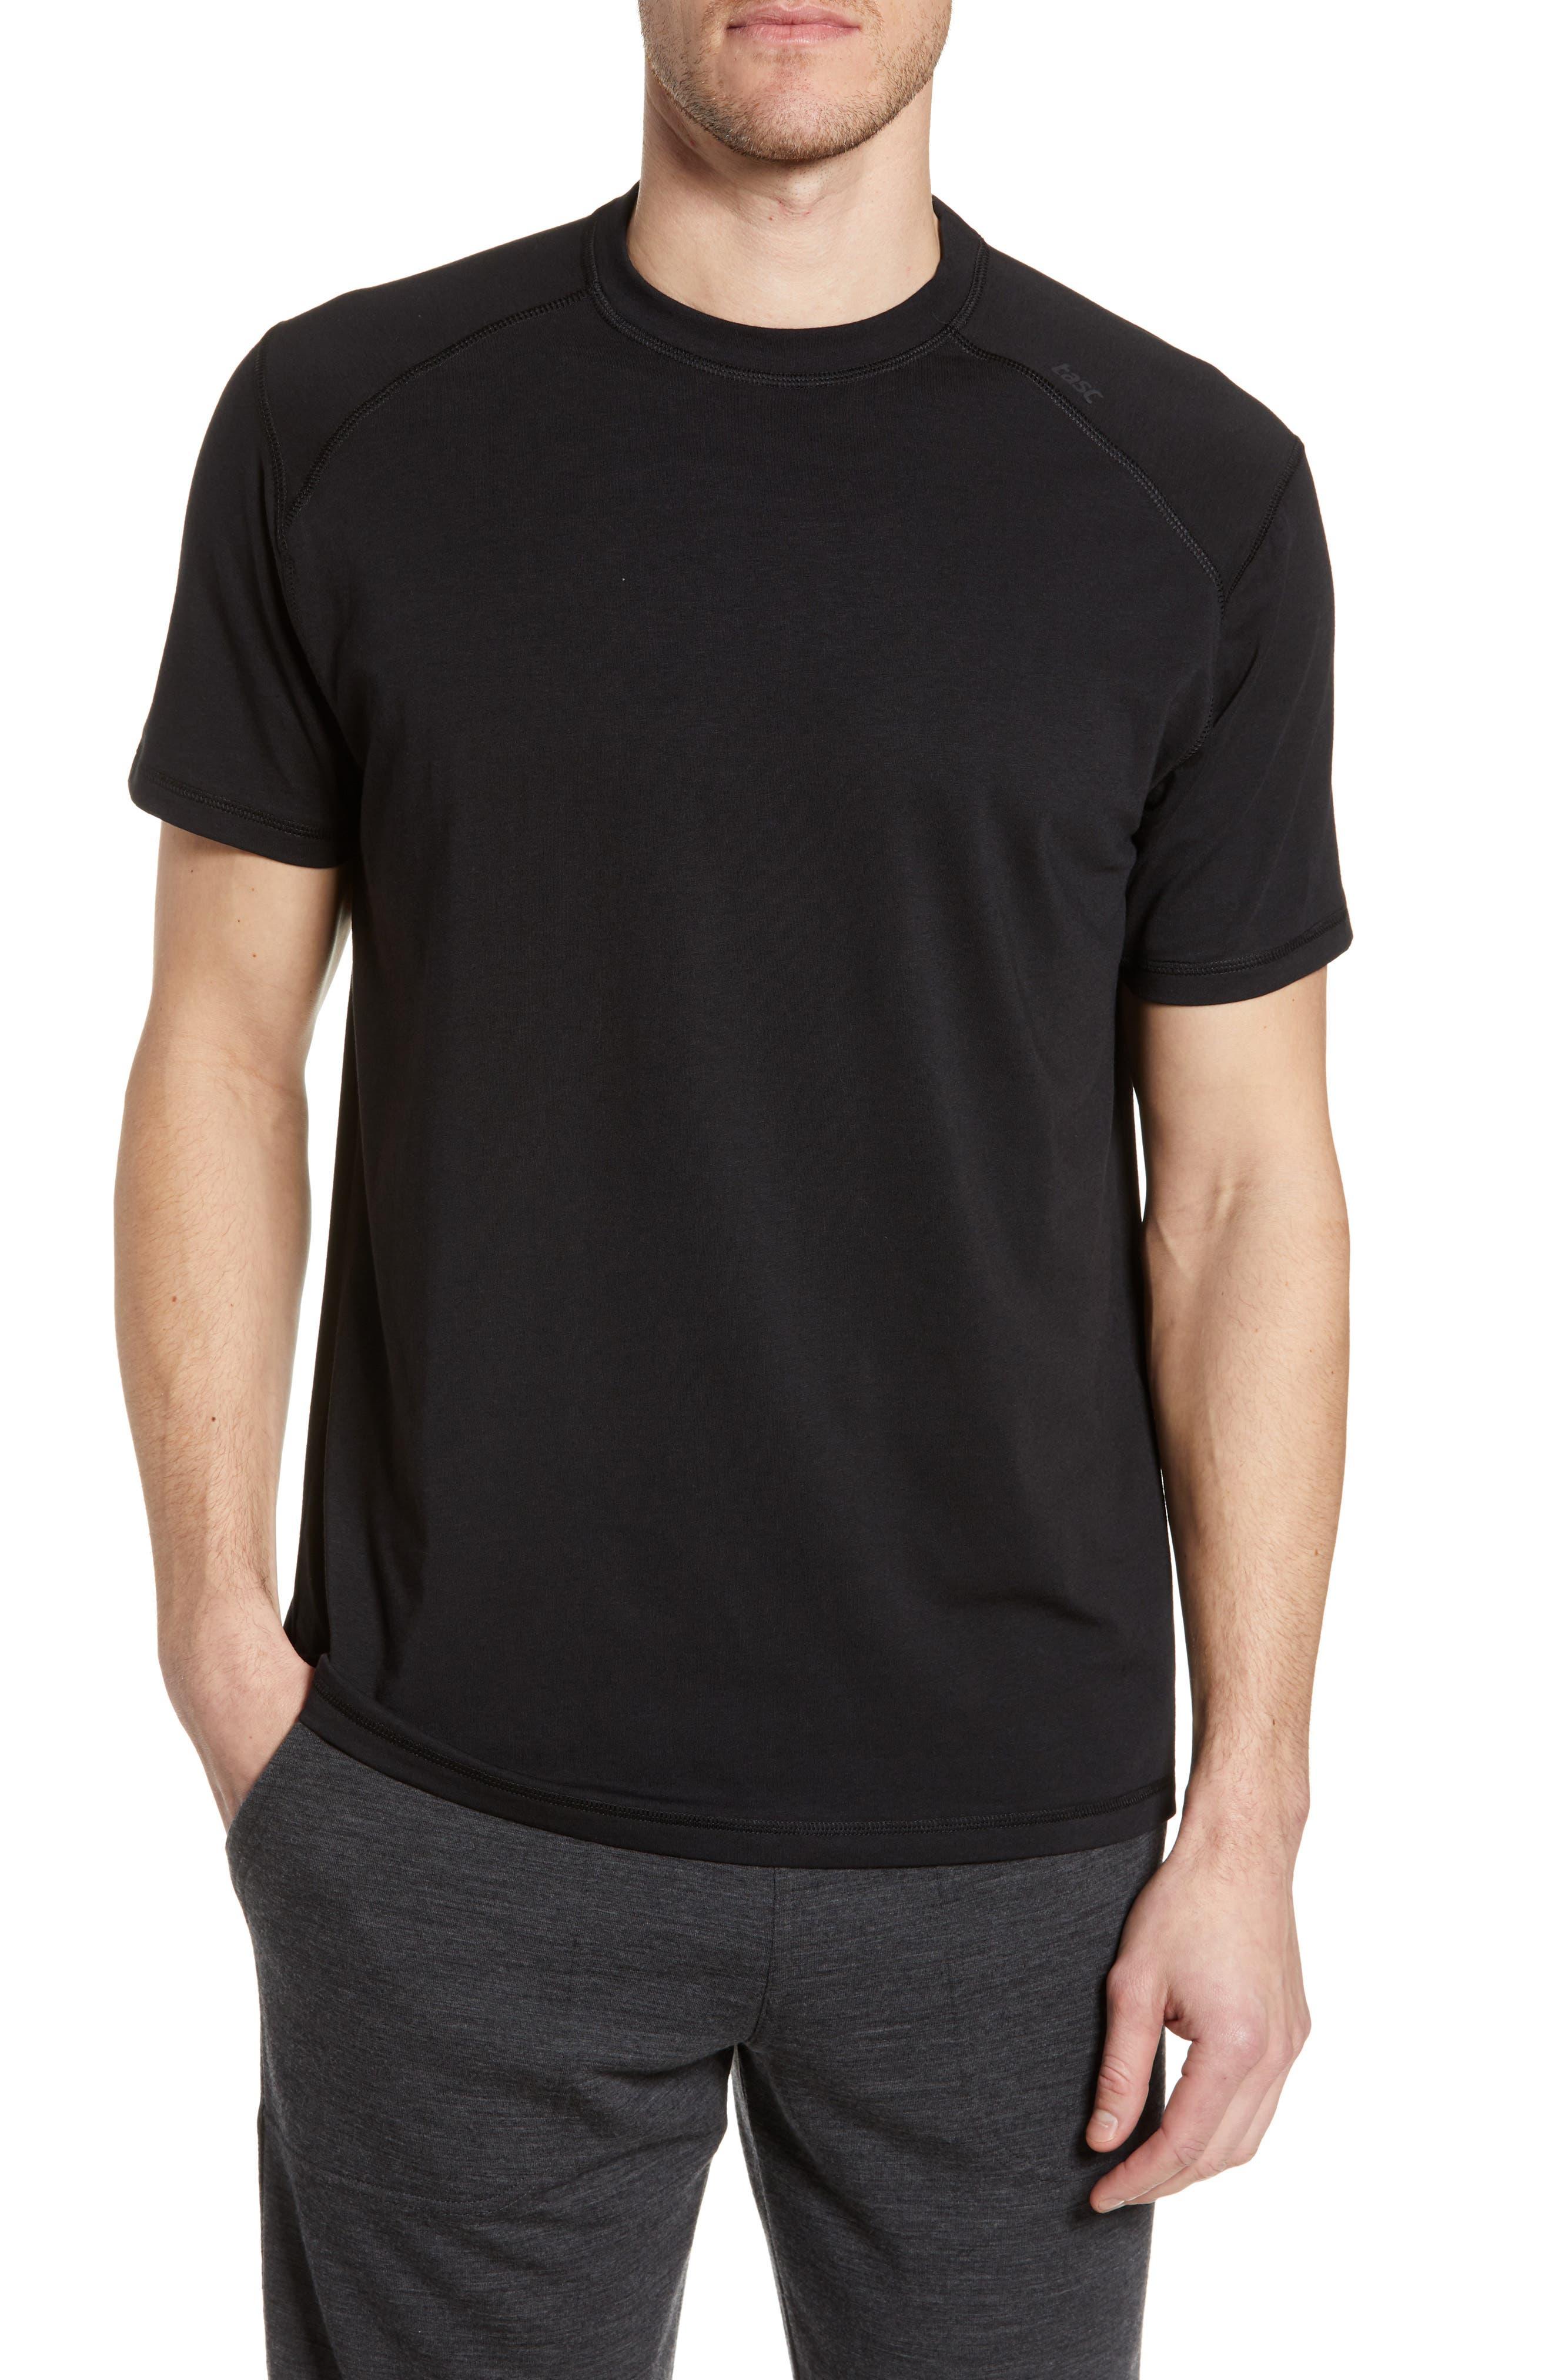 TASC PERFORMANCE, Carrollton T-Shirt, Main thumbnail 1, color, BLACK